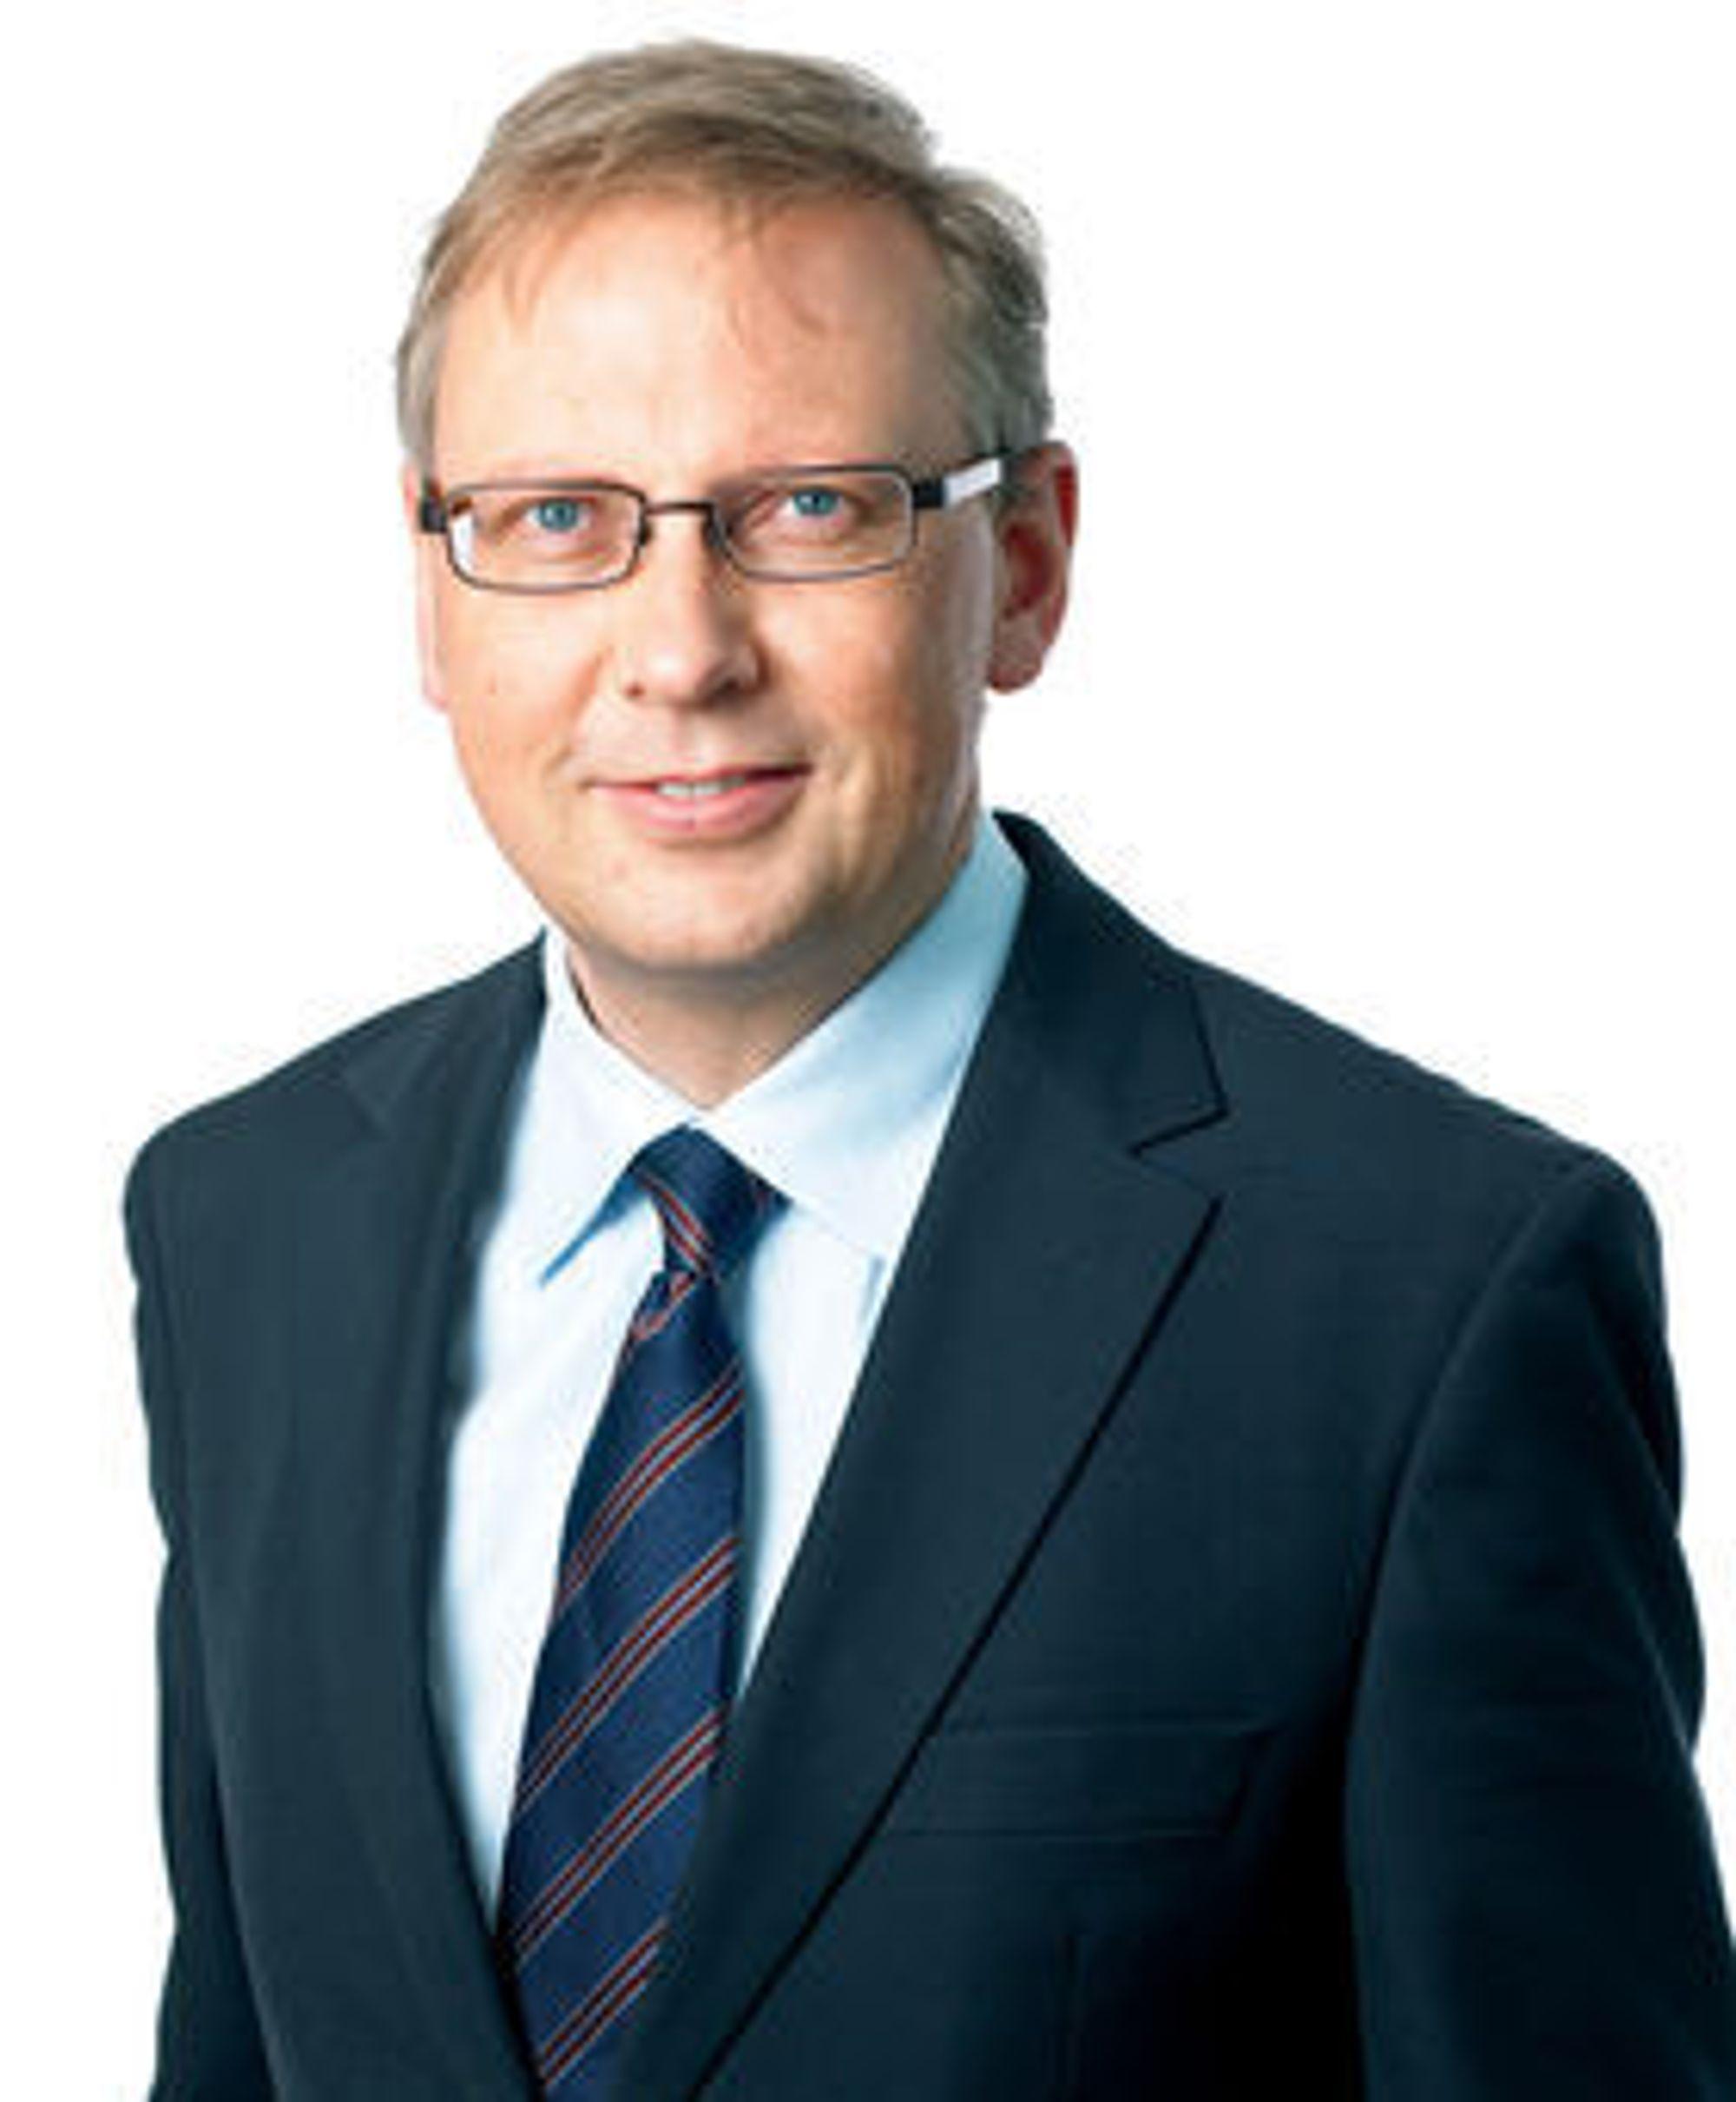 Kommunikasjonsdirektør Geir Remman i Evry sier ingenting om hvilke andre alternativer enn salg av selskapet som nå skal vurderes.